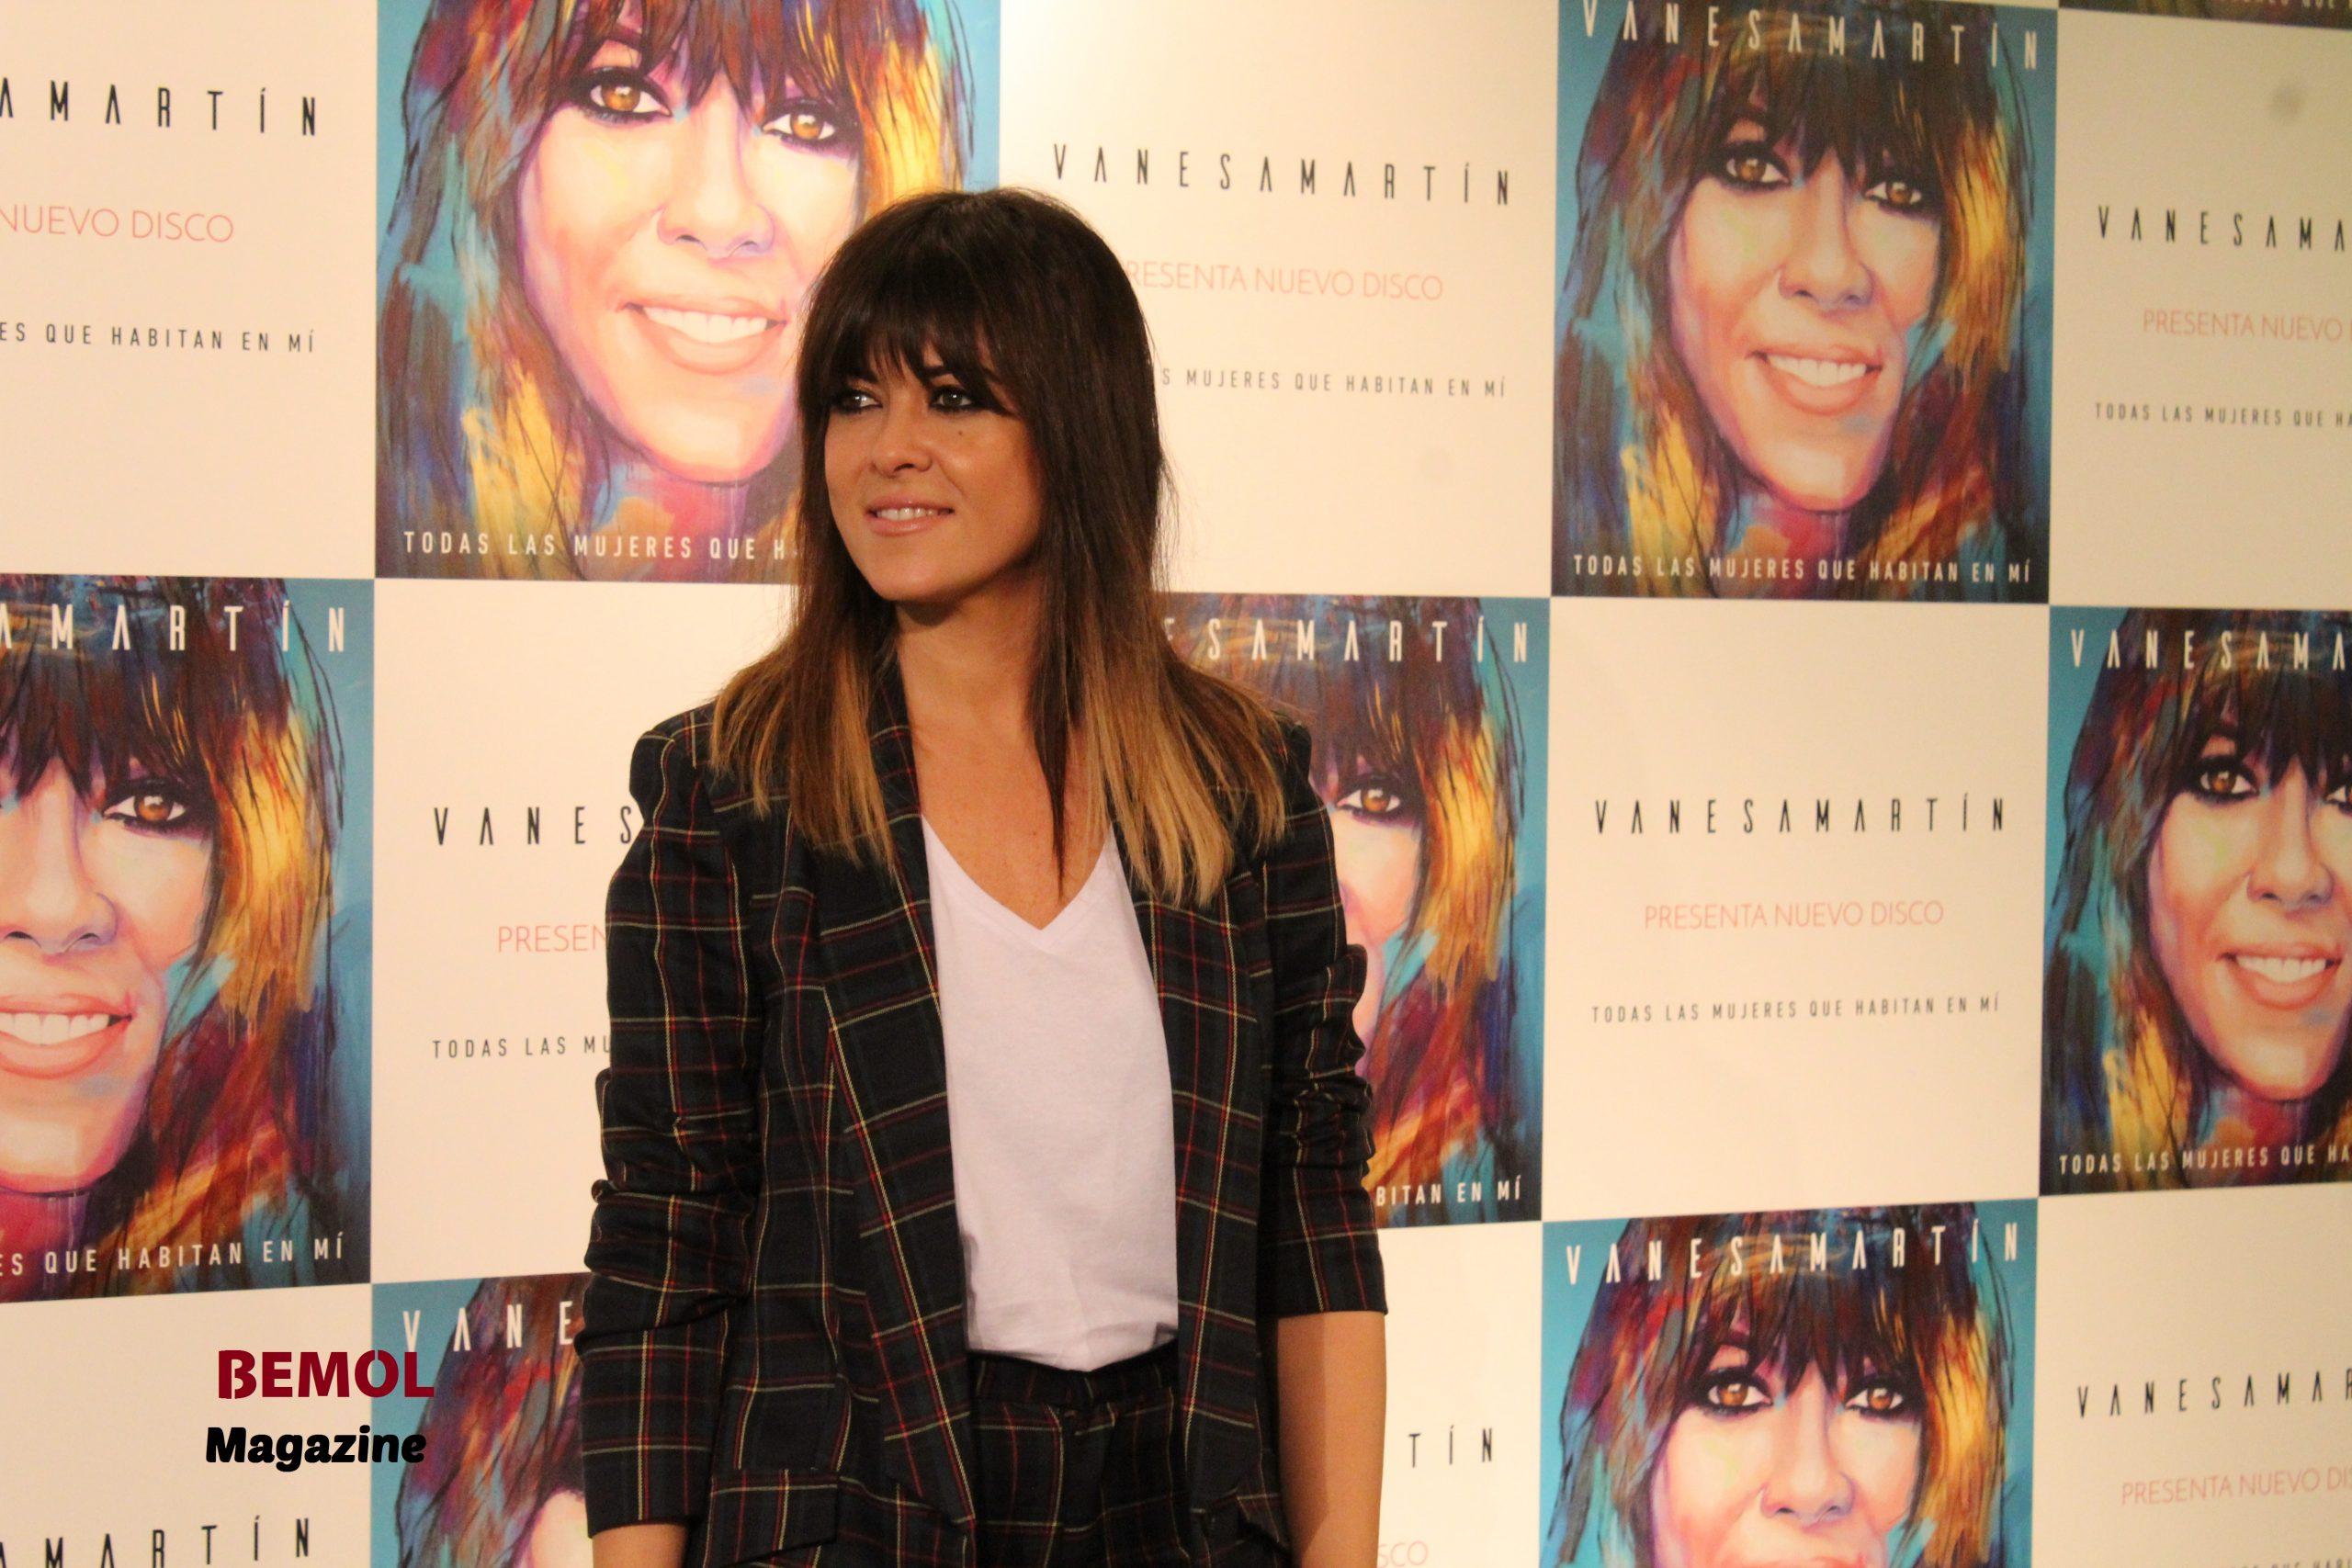 ARTÍCULO | Vanesa Martín presenta Todas las Mujeres que Habitan en Mí, su nuevo álbum